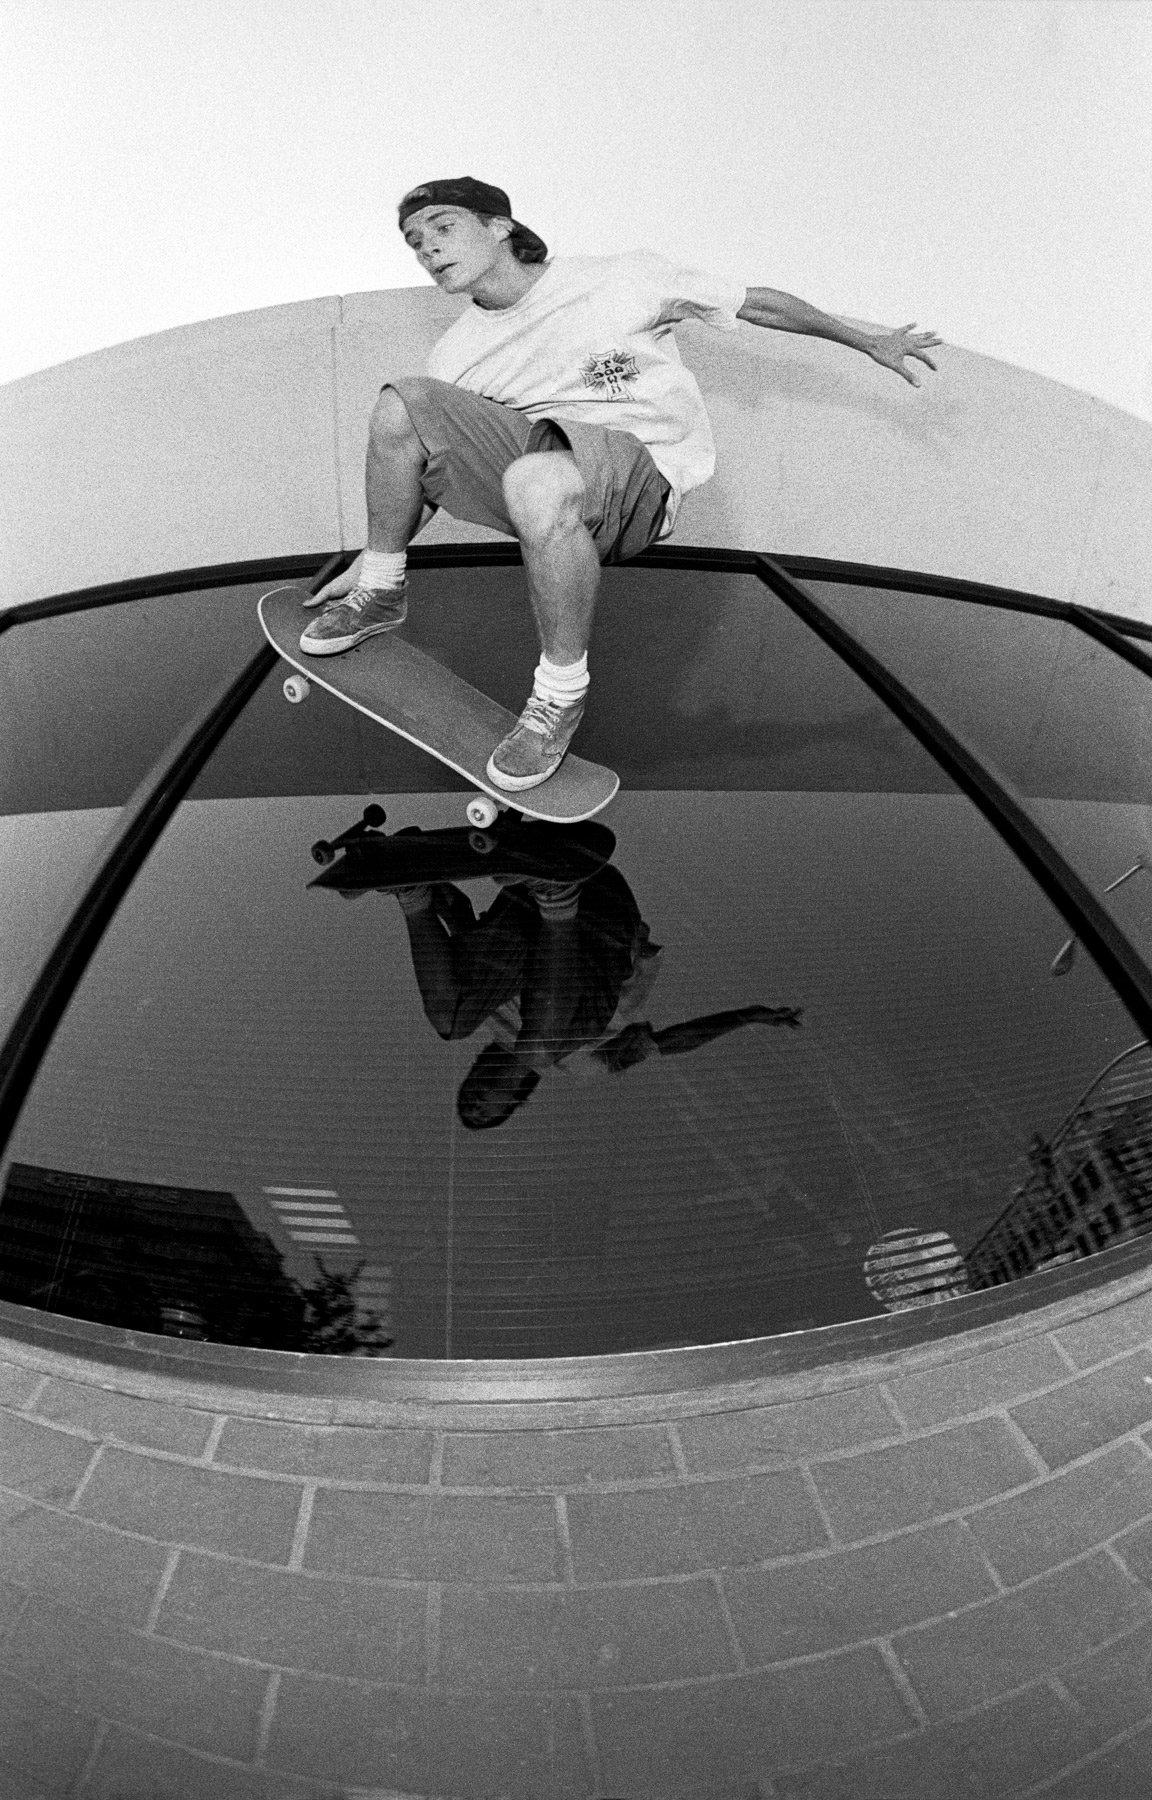 Image of John Cardiel, Glass ride, Bakersfield CA 1992